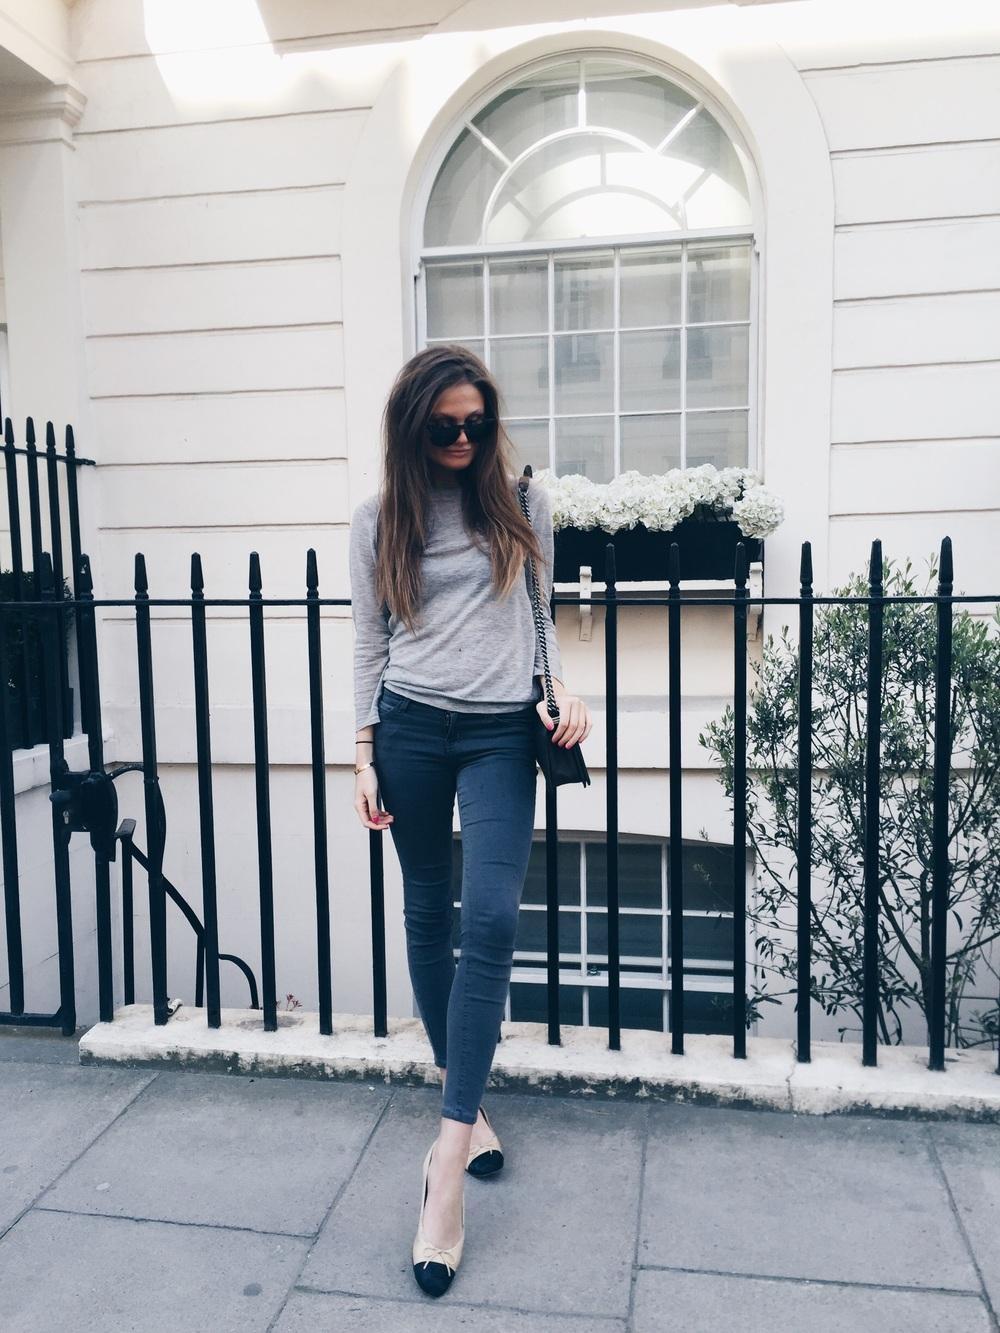 В зимнюю пору джинсы будут хорошо смотреться с пуховиком или шубкой